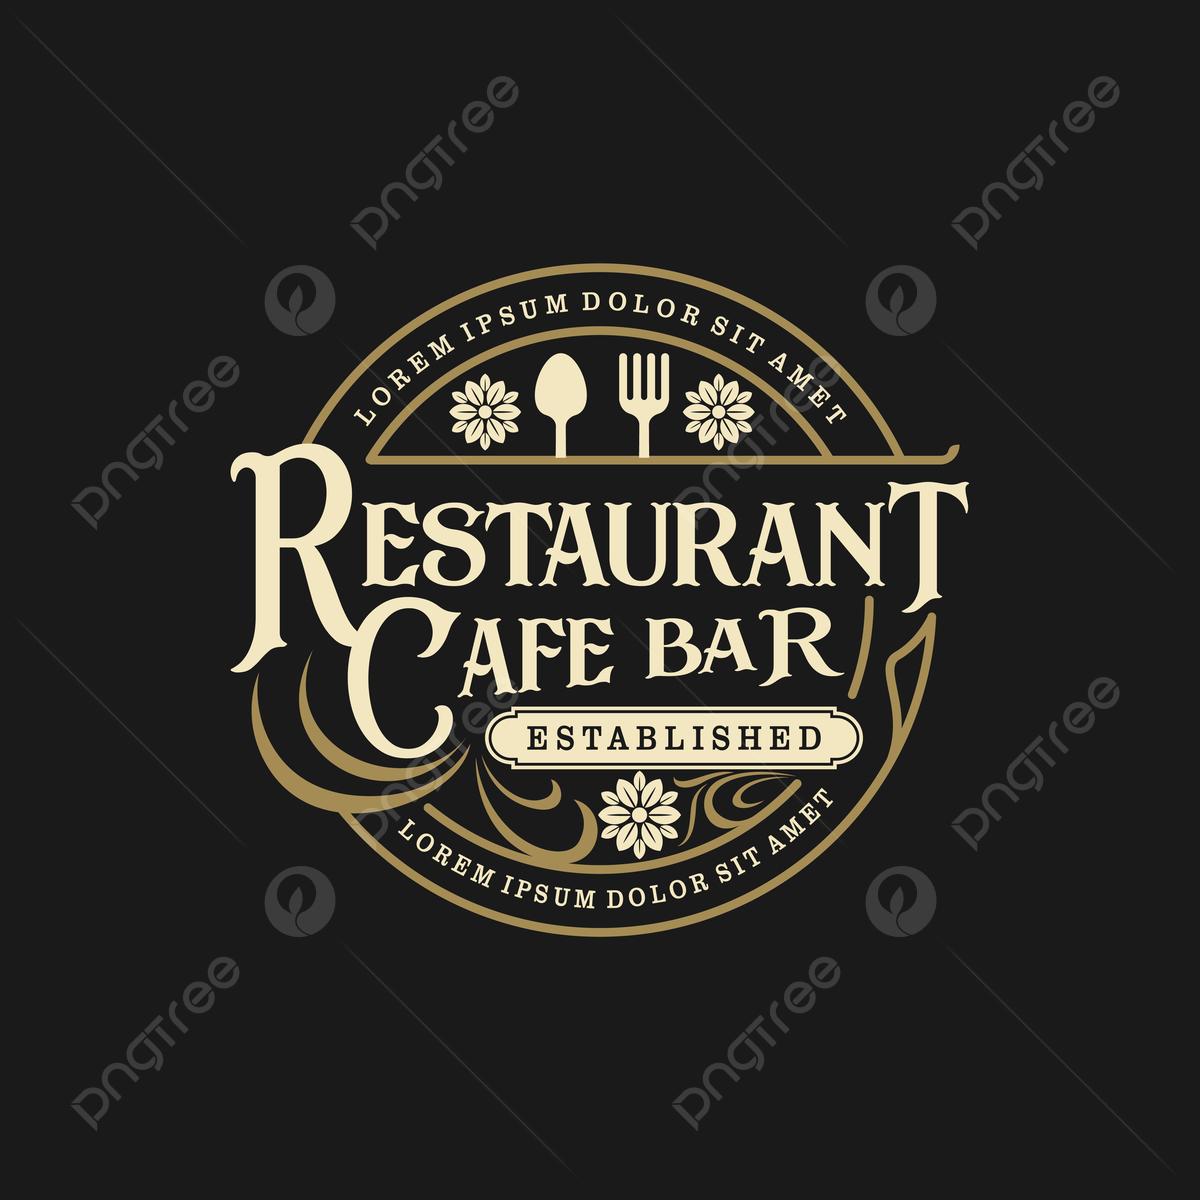 Food Drink Logo Design Vintage Style Restaurant And Cafe Bar Template Download On Pngtree